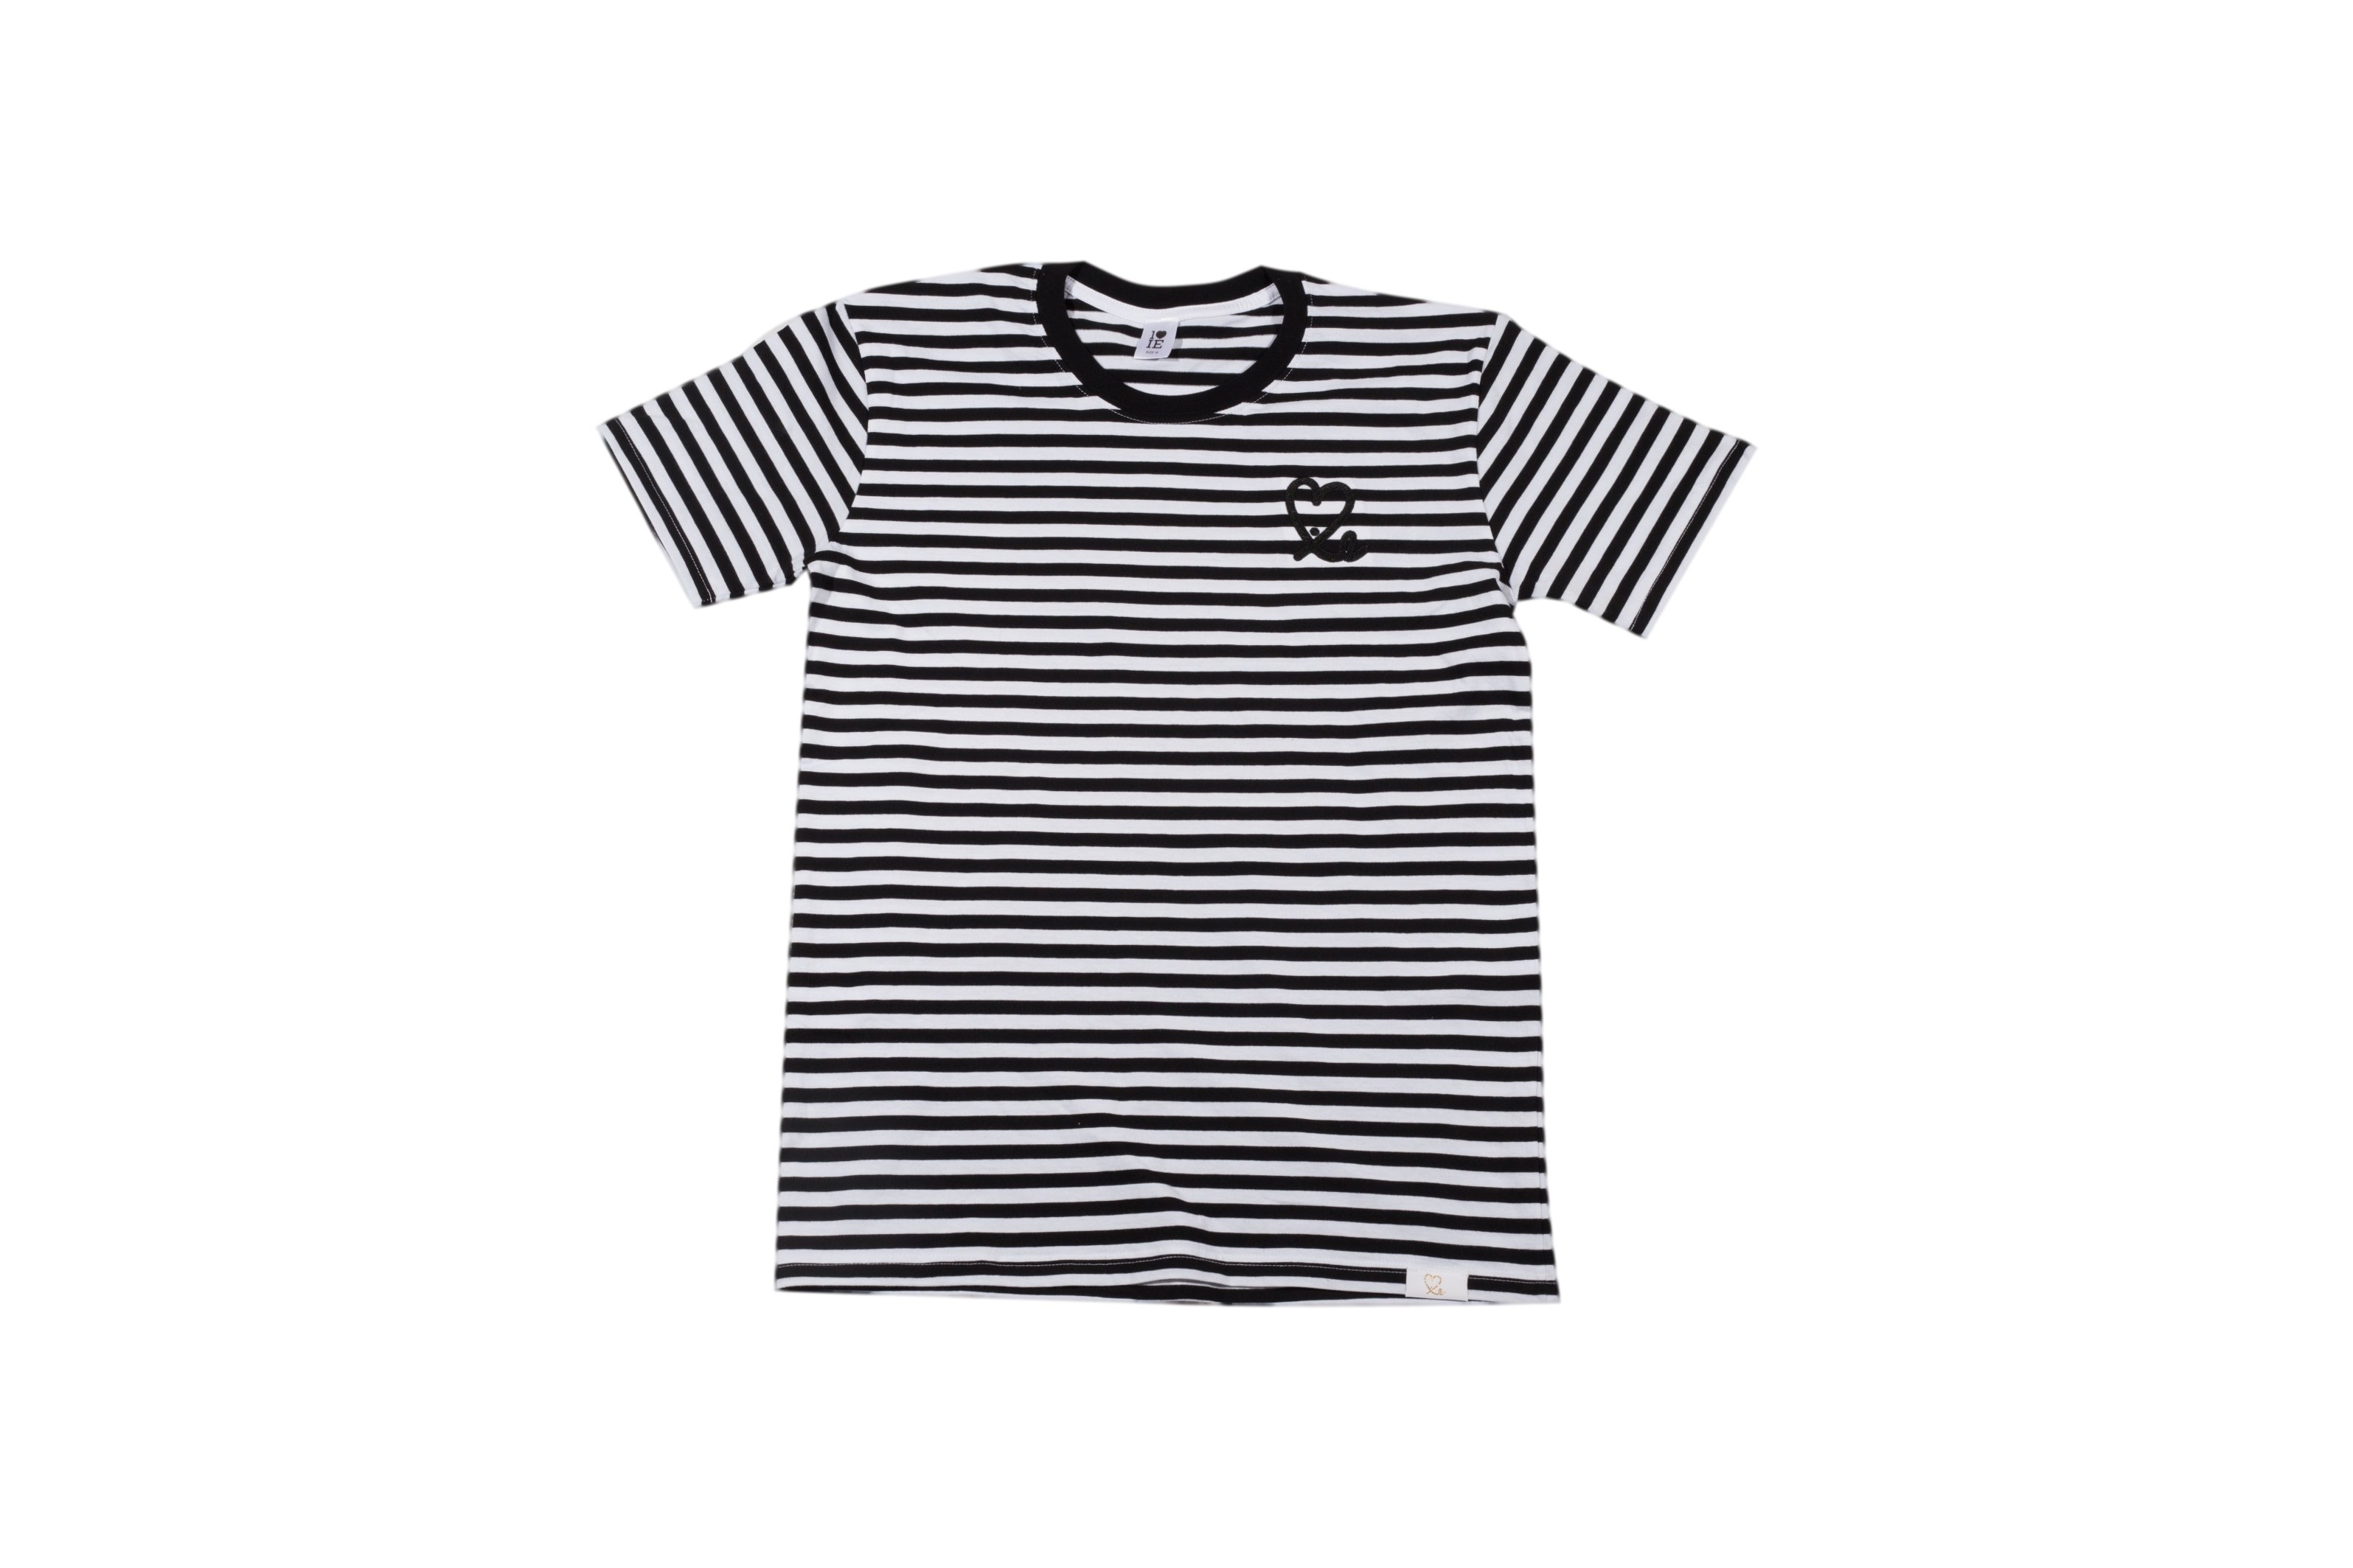 Men's Black White Stripe Tee – 1LoveIE